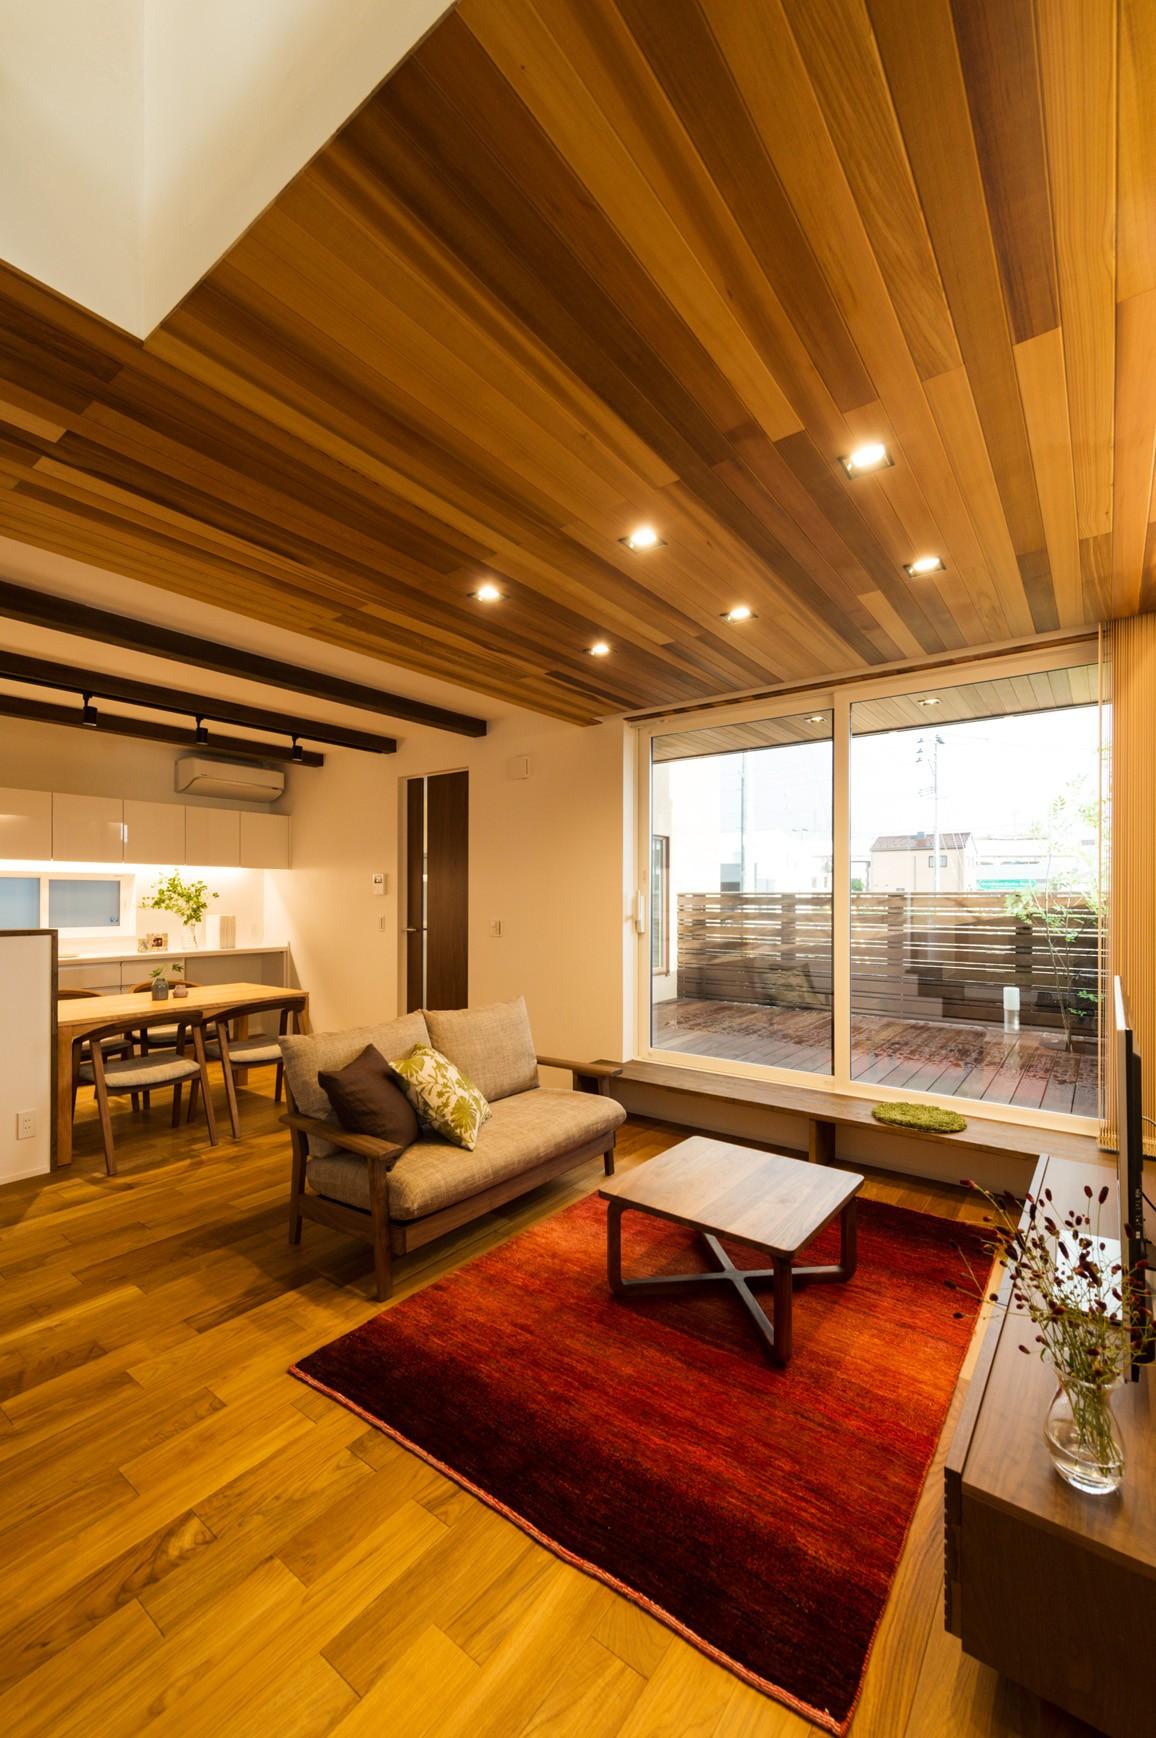 フクダハウジング株式会社「ワンランク上の美しさと機能性の高い家」のシンプル・ナチュラル・モダンなリビング・ダイニングの実例写真